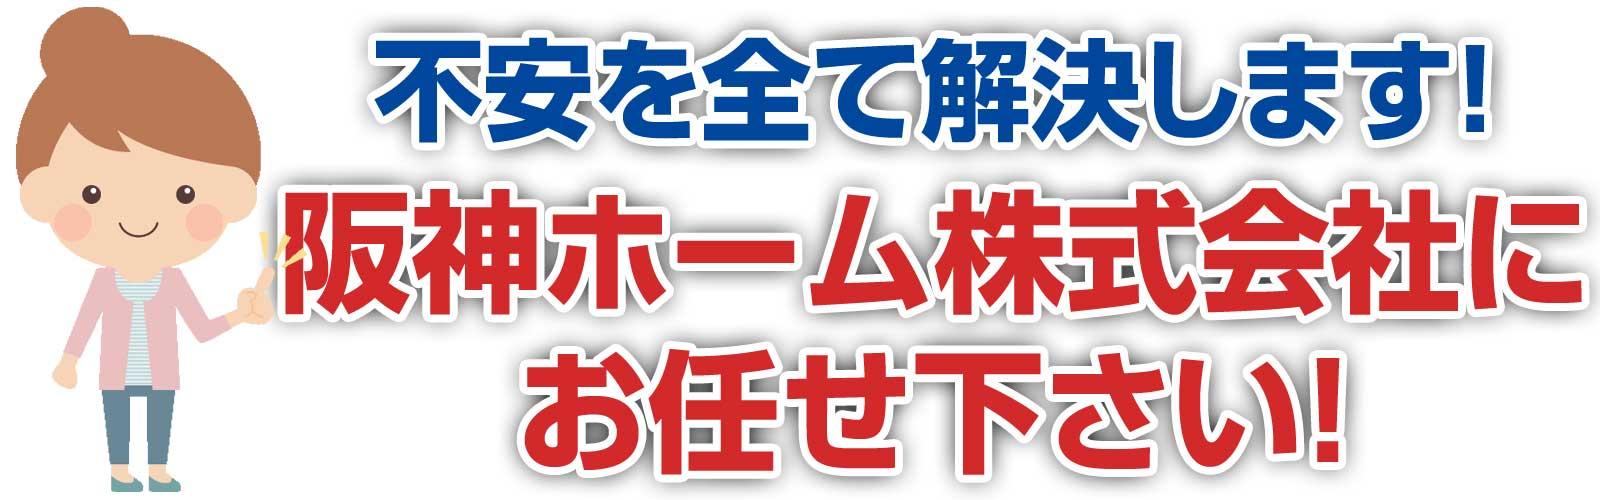 解決策は阪神ホーム株式会社にお任せ下さい!